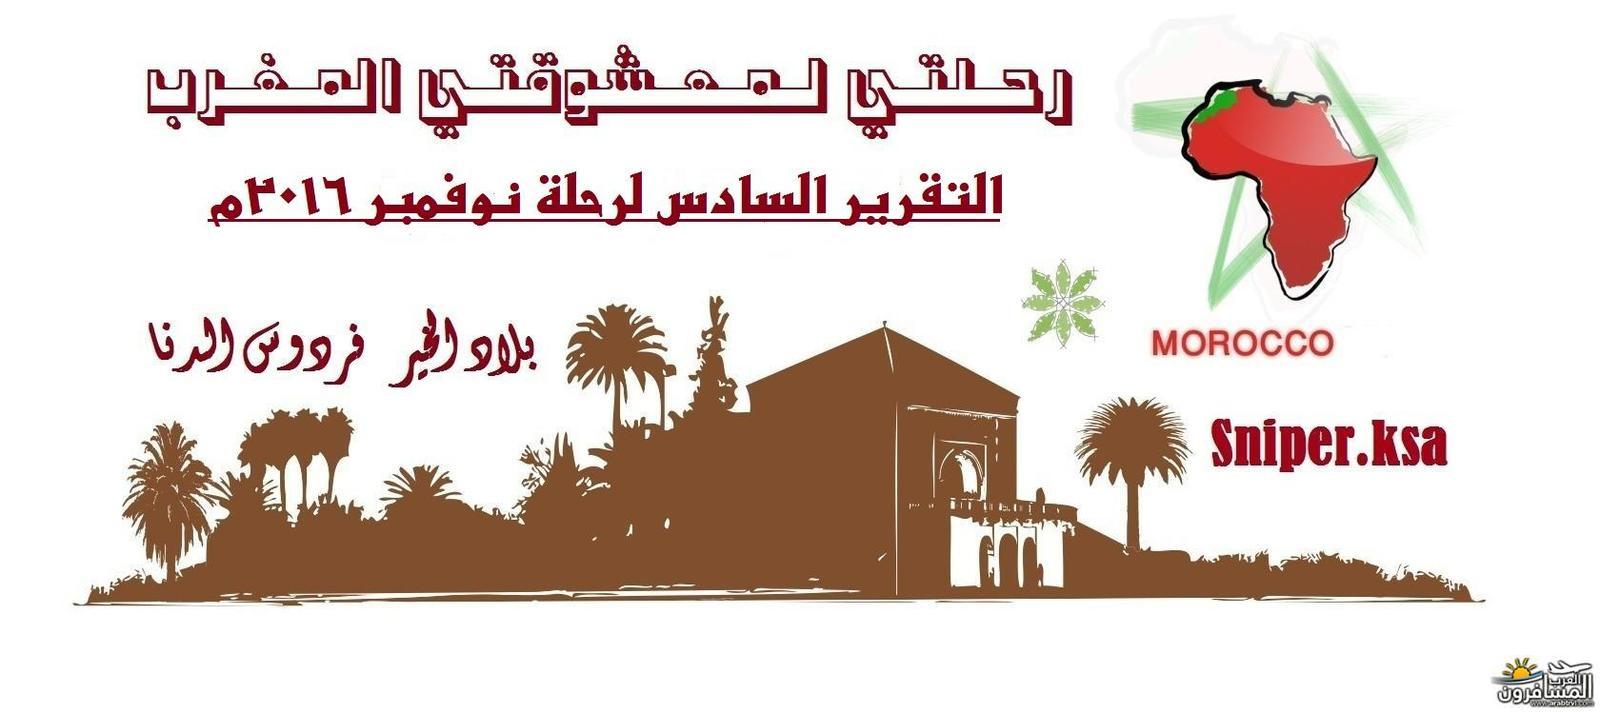 arabtrvl1480165784191.jpg